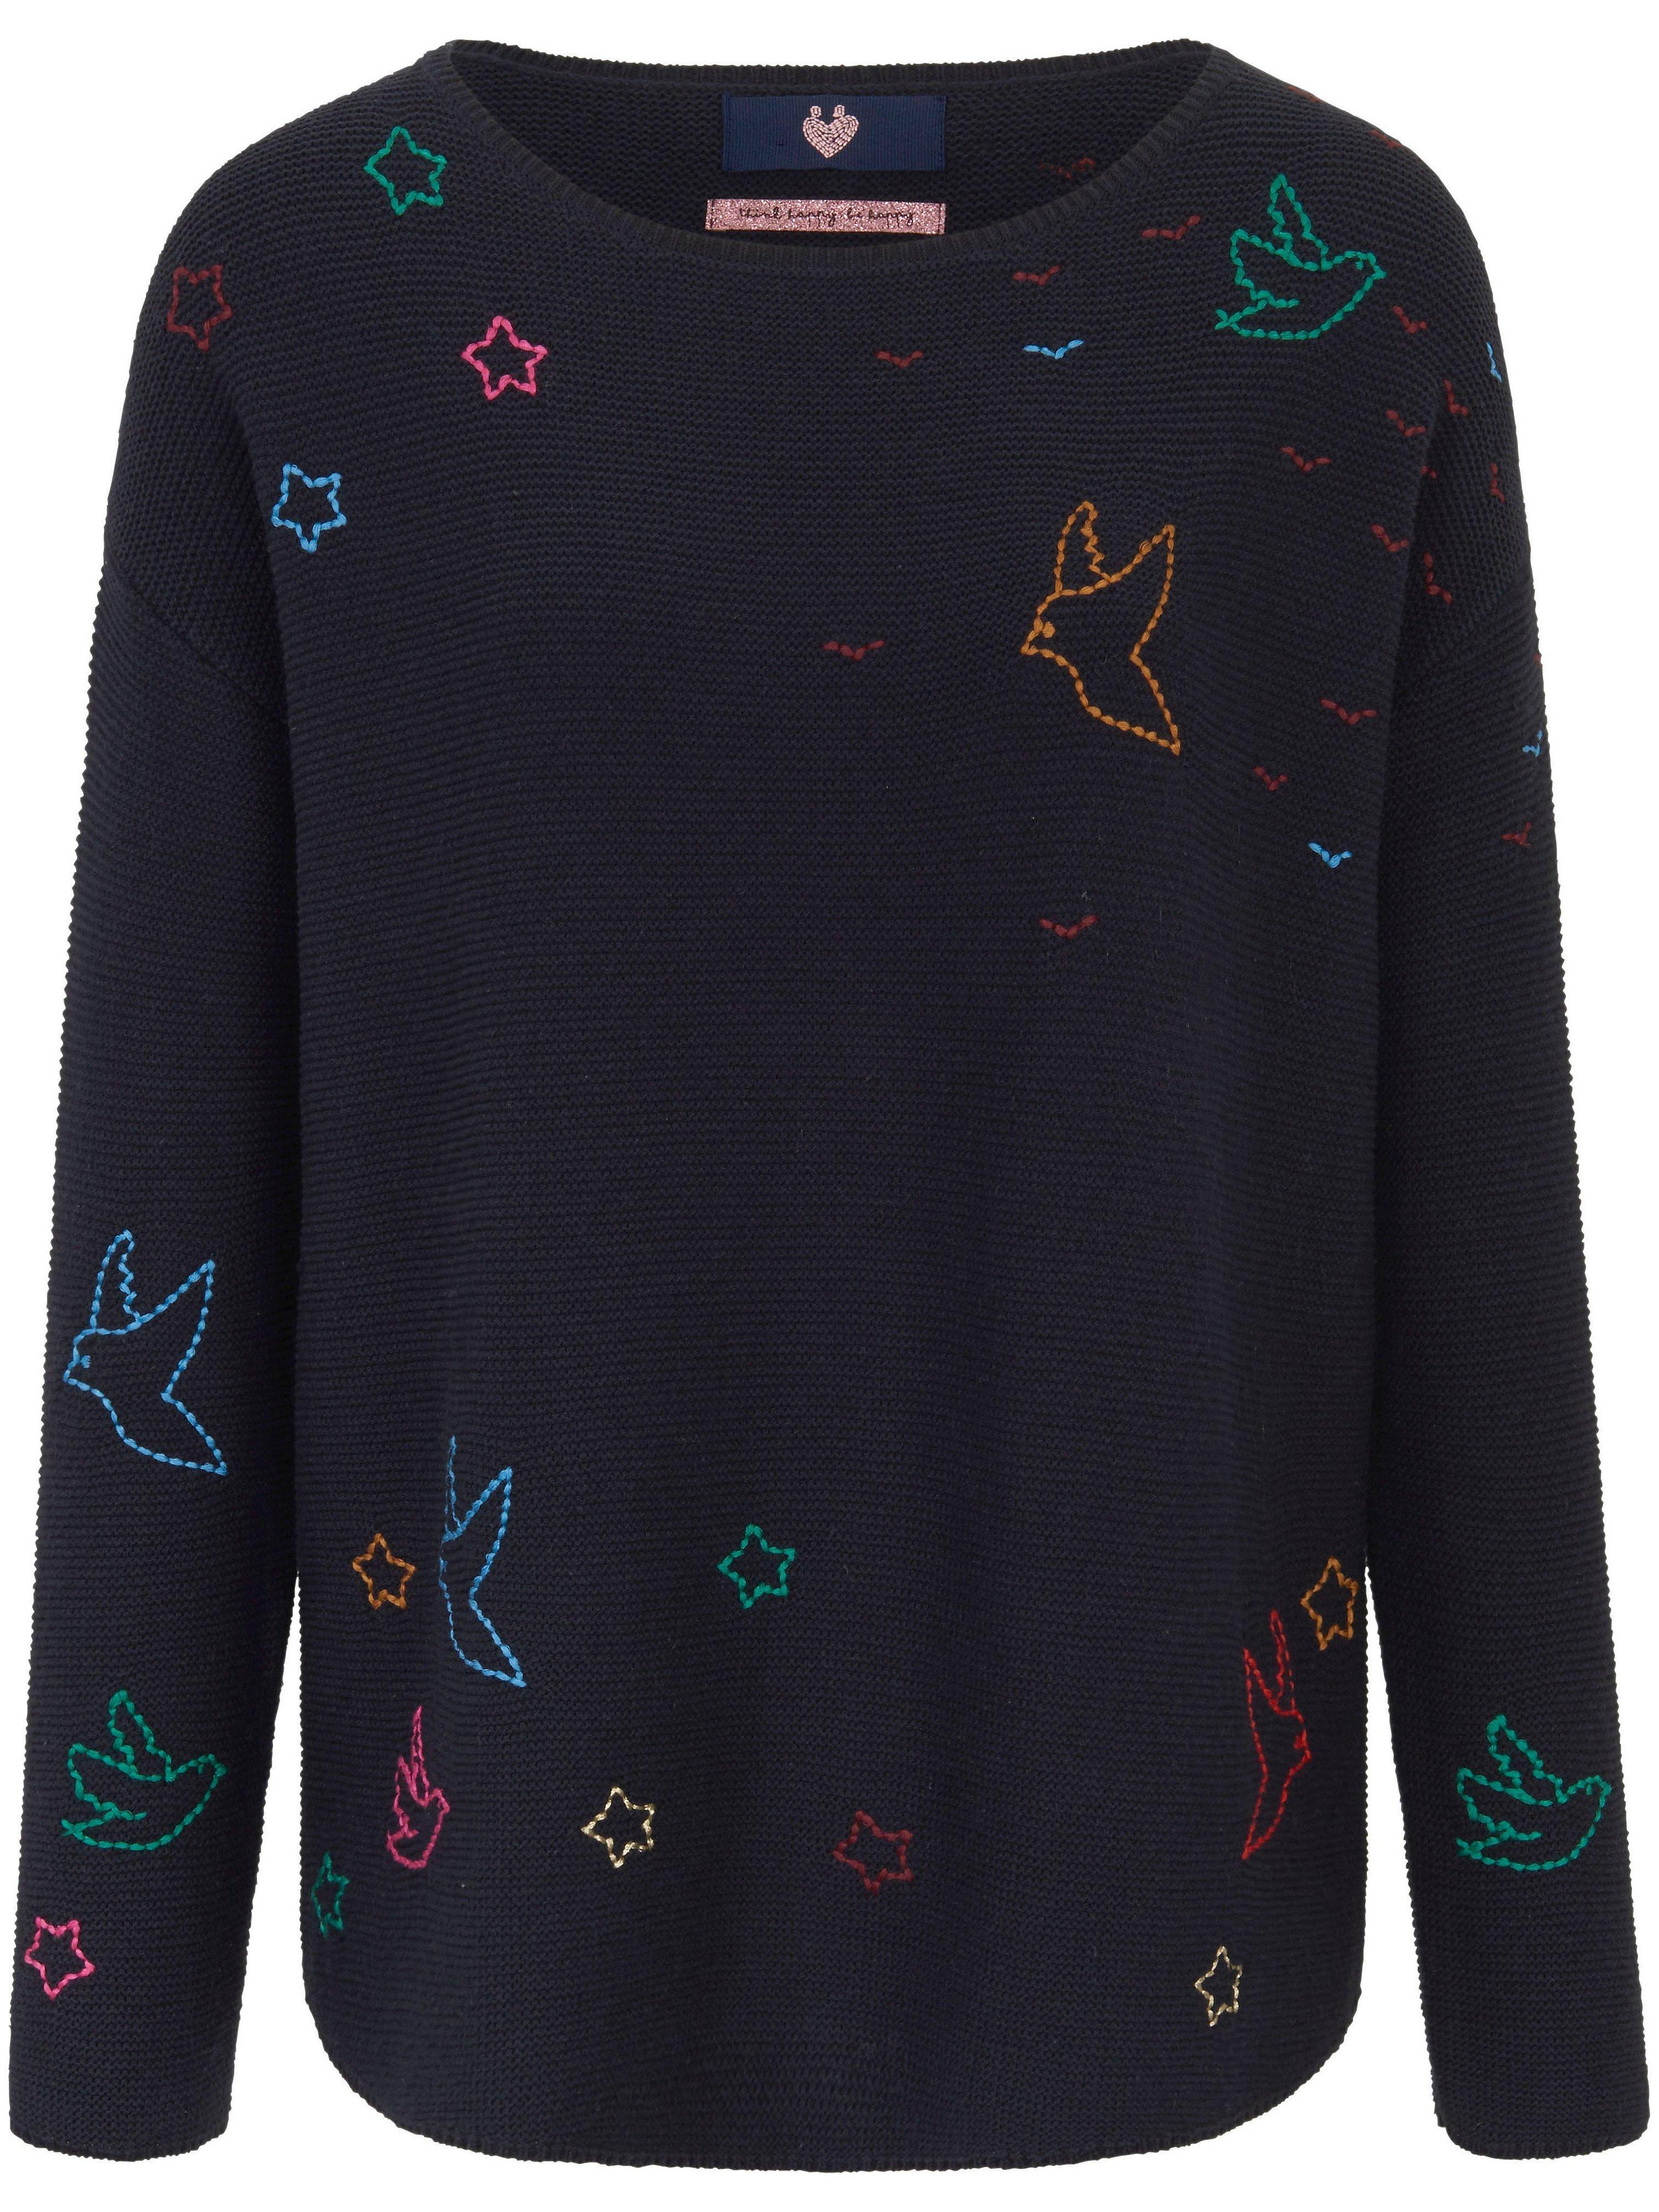 Pullover für Damen online kaufen | DEFSHOP | € 5,99